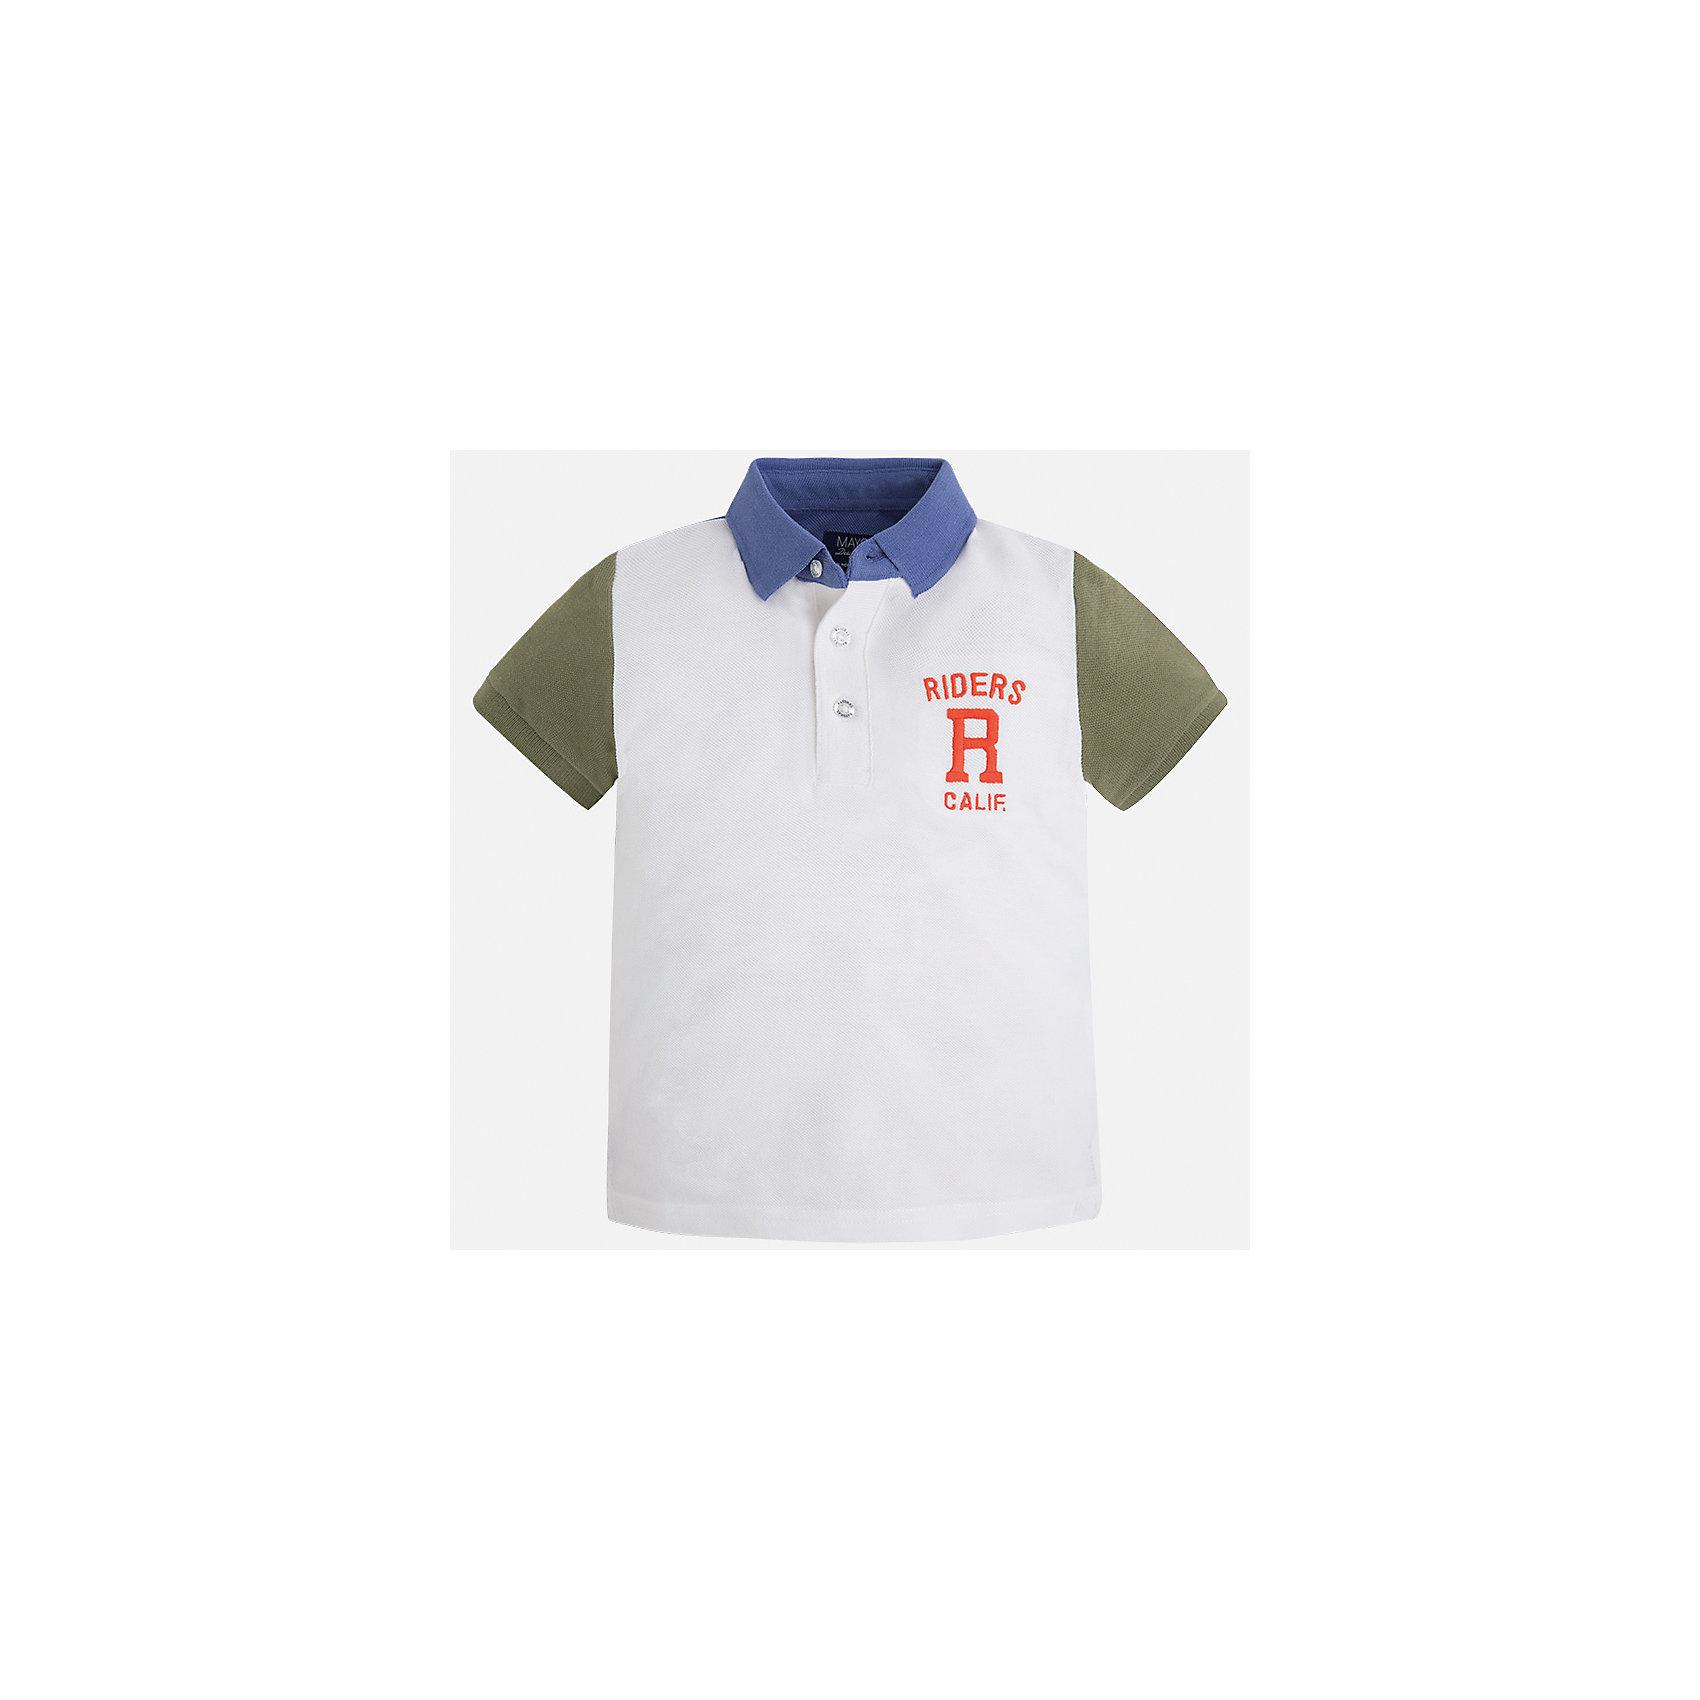 Футболка-поло для мальчика MayoralХарактеристики товара:<br><br>• цвет: белый<br>• состав: 100% хлопок<br>• отложной воротник<br>• короткие рукава<br>• застежка: пуговицы<br>• декорирована вышивкой<br>• страна бренда: Испания<br><br>Стильная футболка-поло для мальчика может стать базовой вещью в гардеробе ребенка. Она отлично сочетается с брюками, шортами, джинсами и т.д. Универсальный крой и цвет позволяет подобрать к вещи низ разных расцветок. Практичное и стильное изделие! В составе материала - только натуральный хлопок, гипоаллергенный, приятный на ощупь, дышащий.<br><br>Одежда, обувь и аксессуары от испанского бренда Mayoral полюбились детям и взрослым по всему миру. Модели этой марки - стильные и удобные. Для их производства используются только безопасные, качественные материалы и фурнитура. Порадуйте ребенка модными и красивыми вещами от Mayoral! <br><br>Футболку-поло для мальчика от испанского бренда Mayoral (Майорал) можно купить в нашем интернет-магазине.<br><br>Ширина мм: 230<br>Глубина мм: 40<br>Высота мм: 220<br>Вес г: 250<br>Цвет: коричневый<br>Возраст от месяцев: 72<br>Возраст до месяцев: 84<br>Пол: Мужской<br>Возраст: Детский<br>Размер: 122,110,116,134,128<br>SKU: 5271994